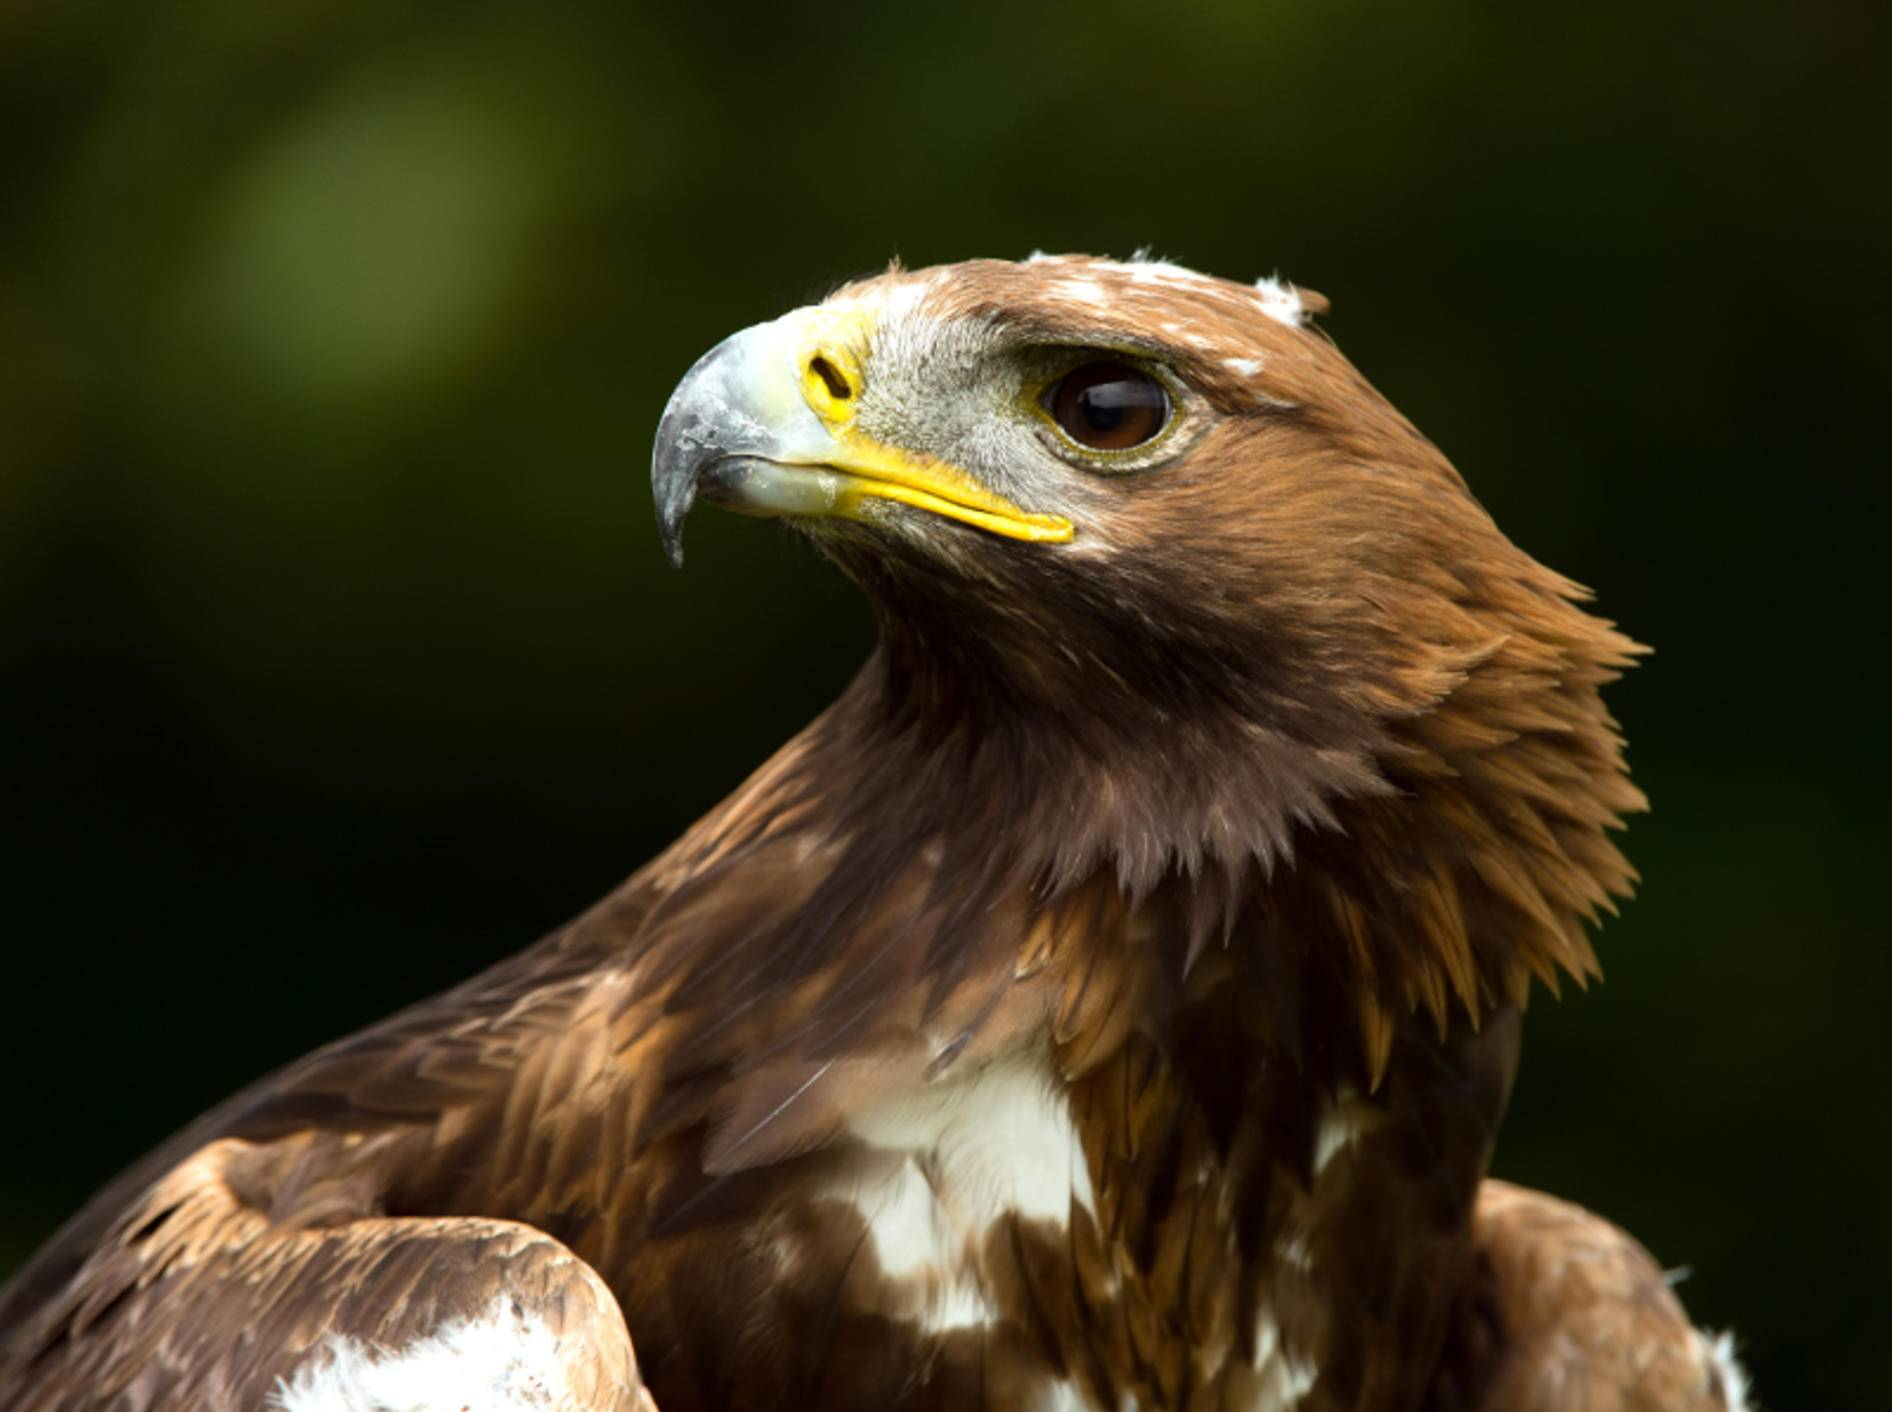 Steinadler sind Greifvögel, die als Einzelgänger leben – Bild: Shutterstock / davemhuntphotography